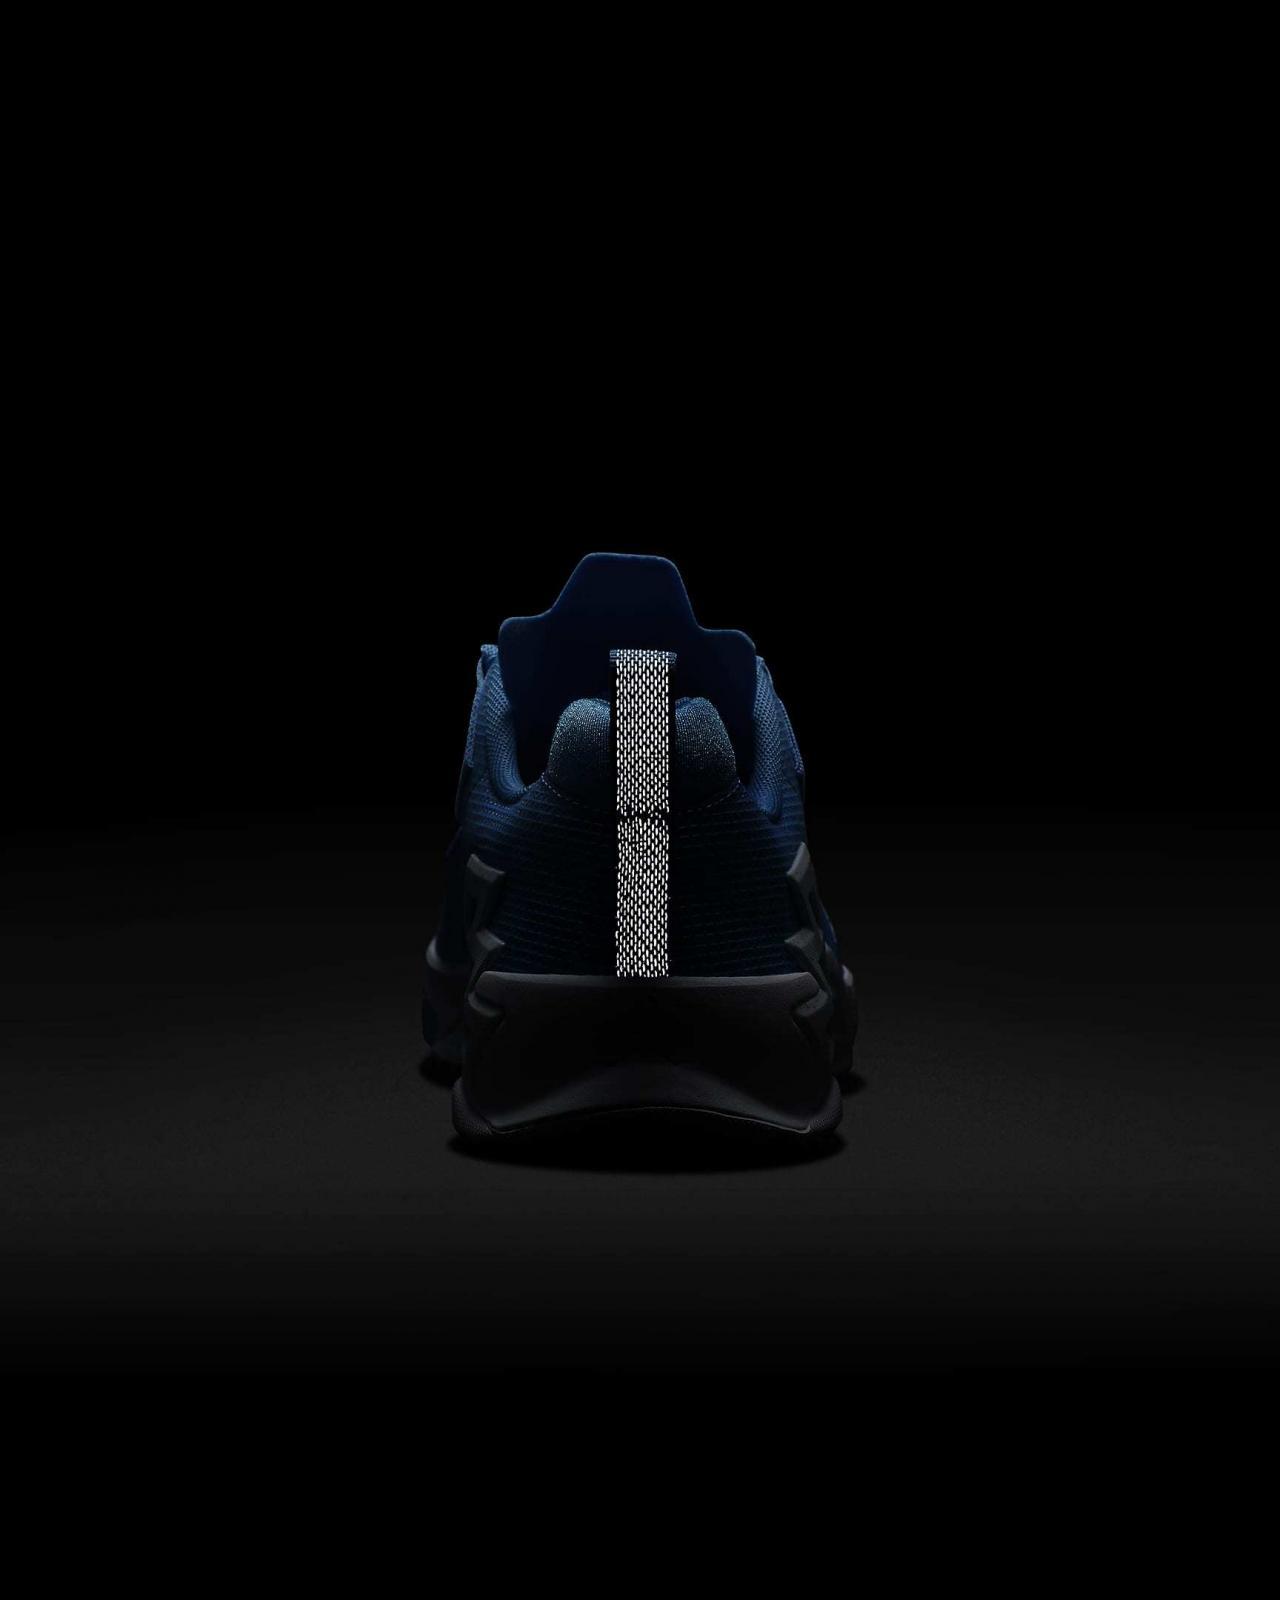 Jordan品牌推出全新Jordan Alpha 360 TR (UNC)